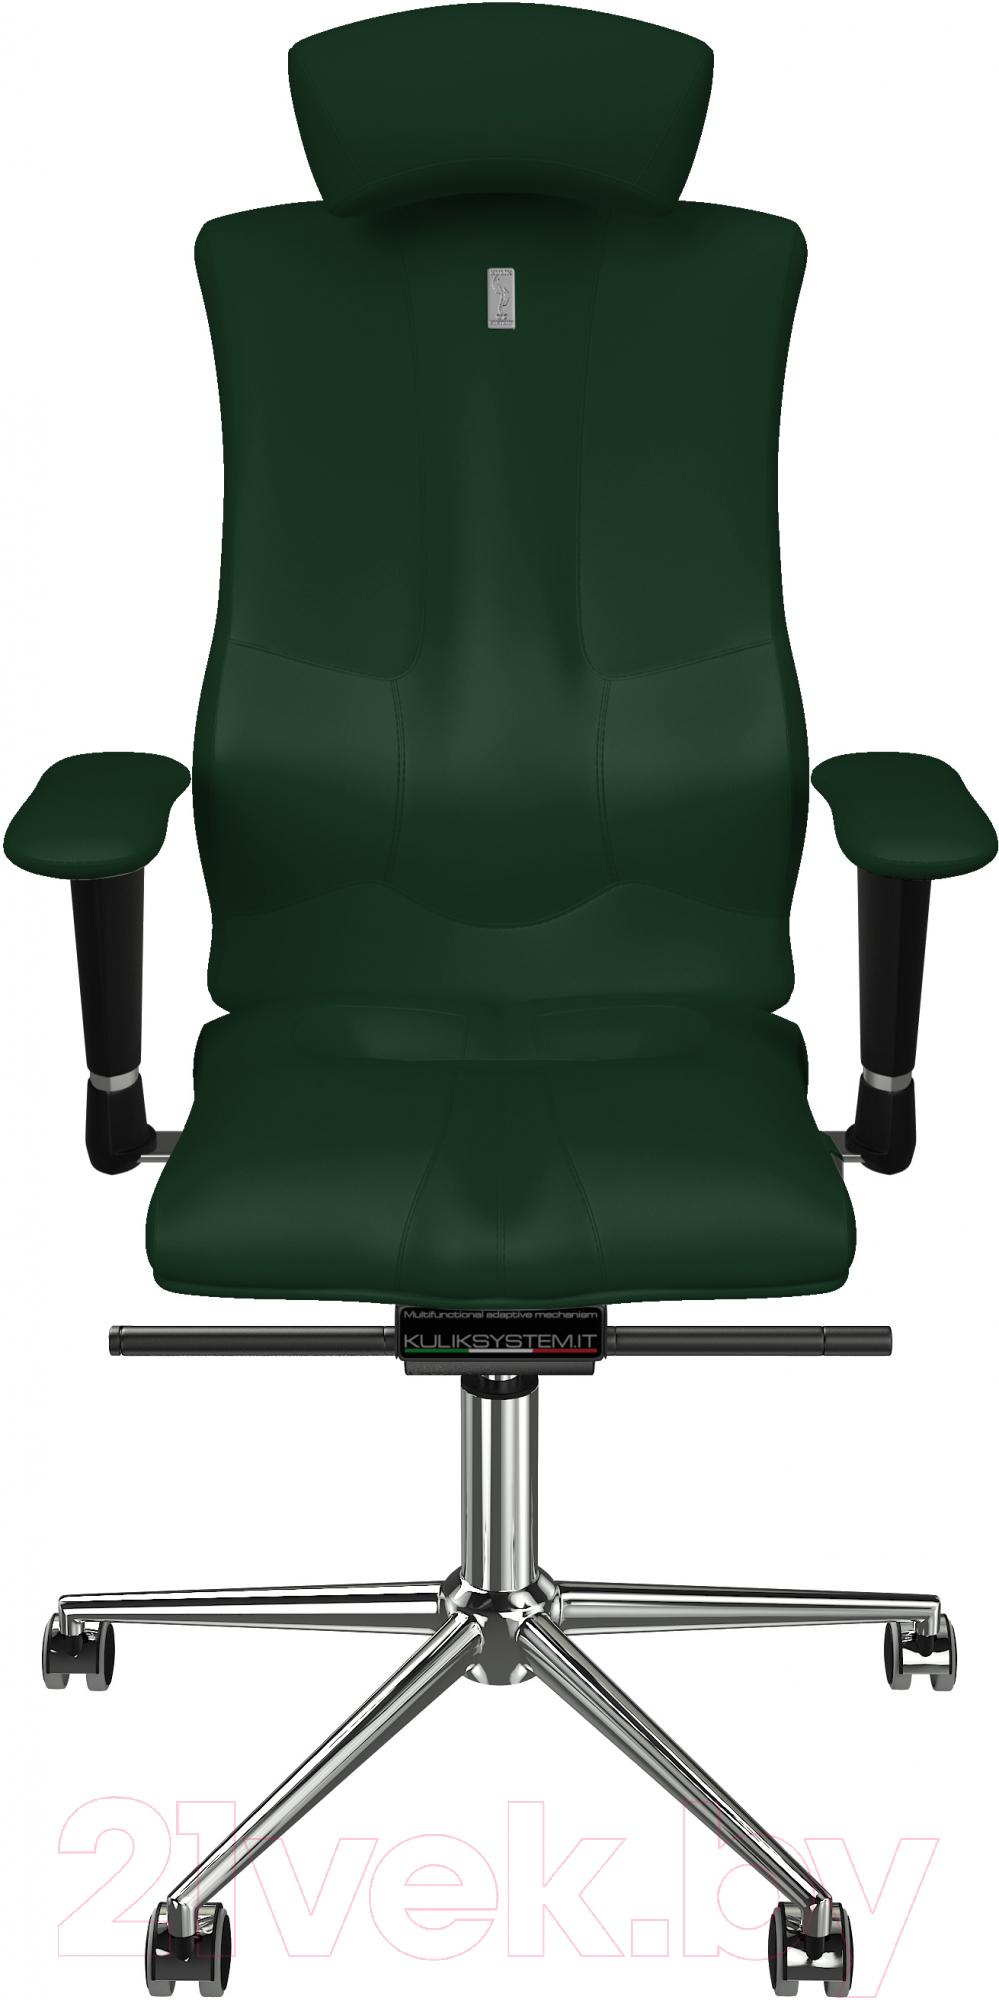 Купить Кресло офисное Kulik System, Elegance кожа натуральная (зеленый с подголовником), Украина, Elegance (Kulik System)